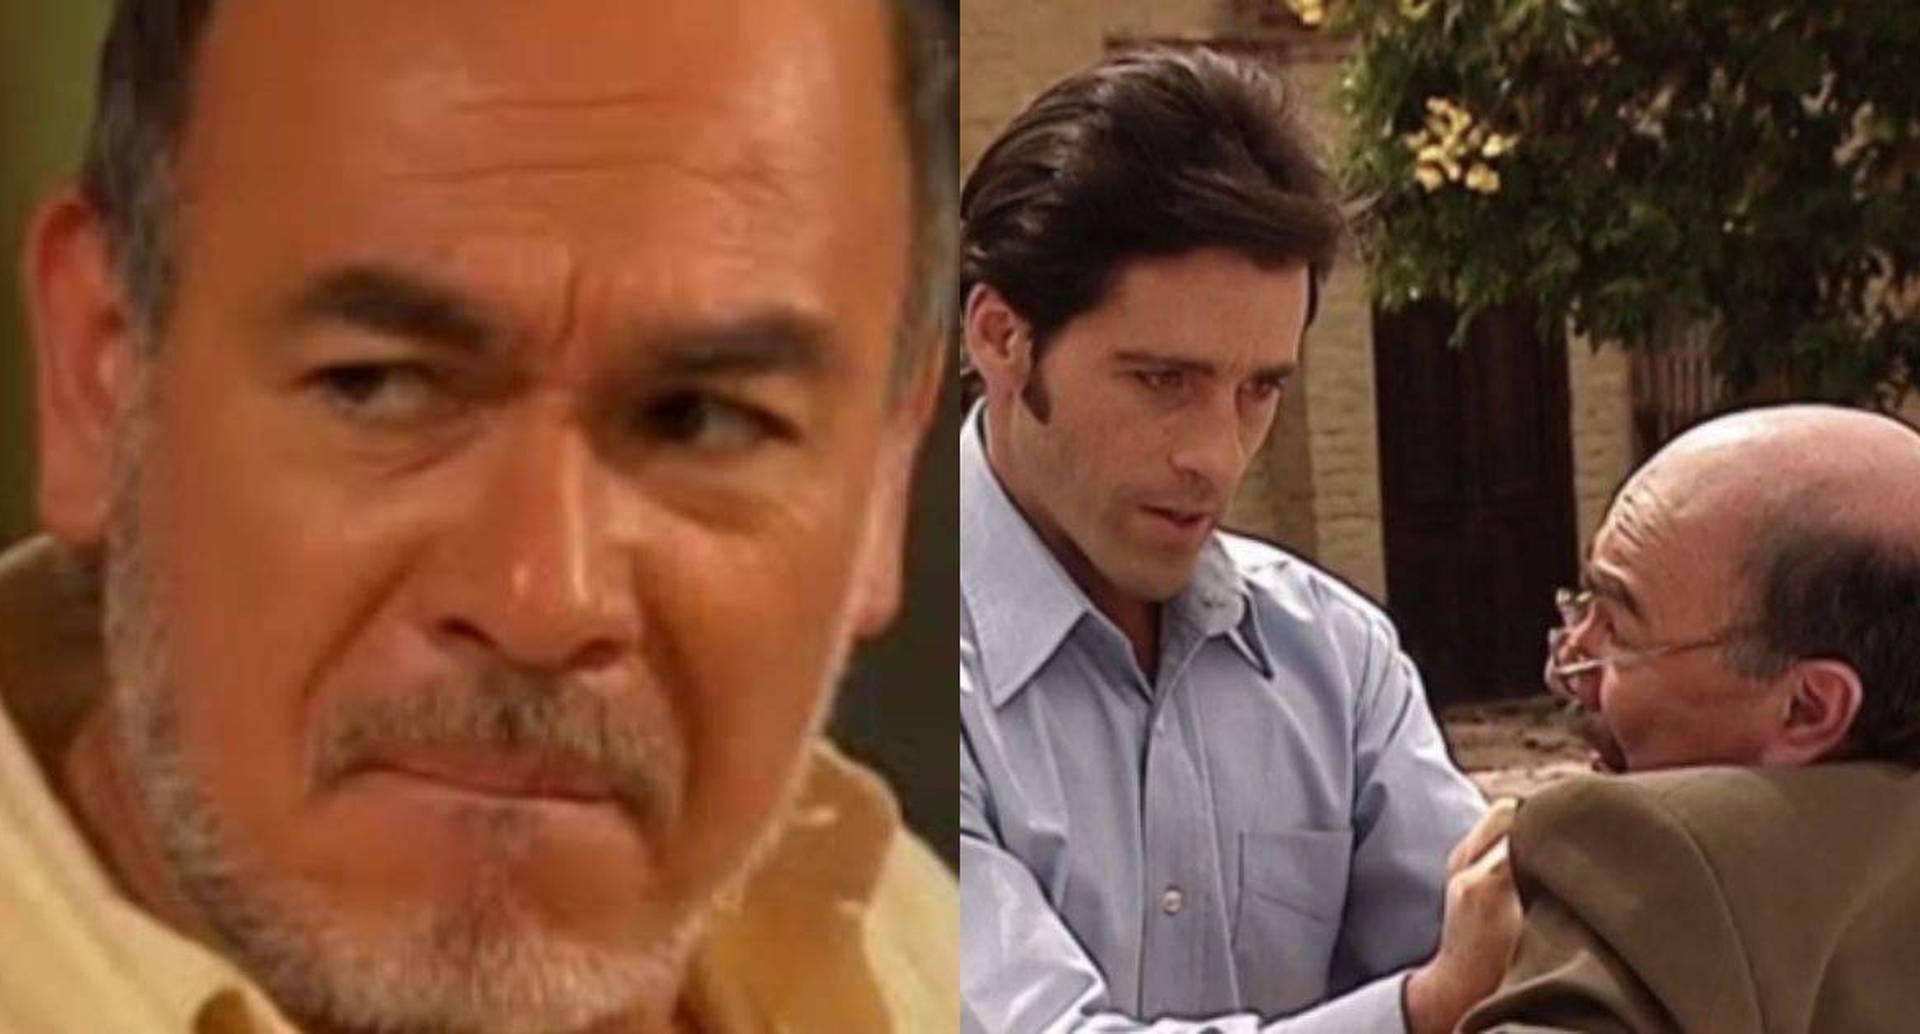 Falleció el actor Raúl Gutiérrez, quien participó en Pasión de Gavilanes/ Foto: Instagram @raulinquieto